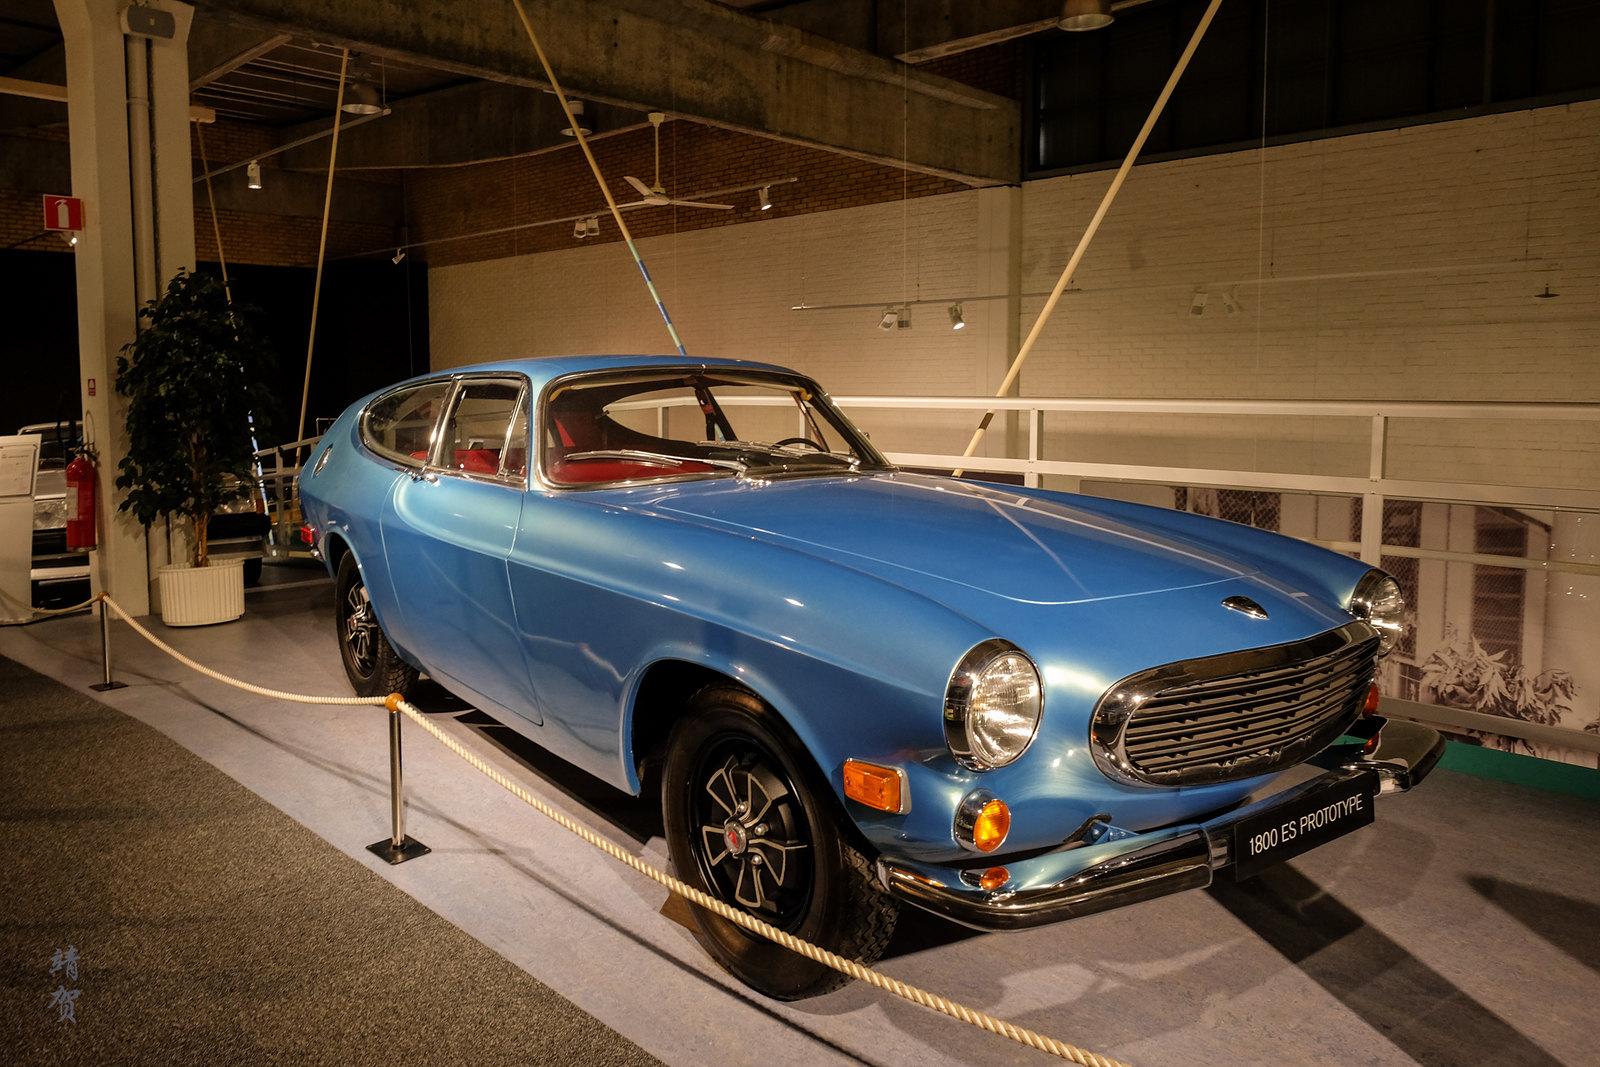 Volvo 1800ES Prototype